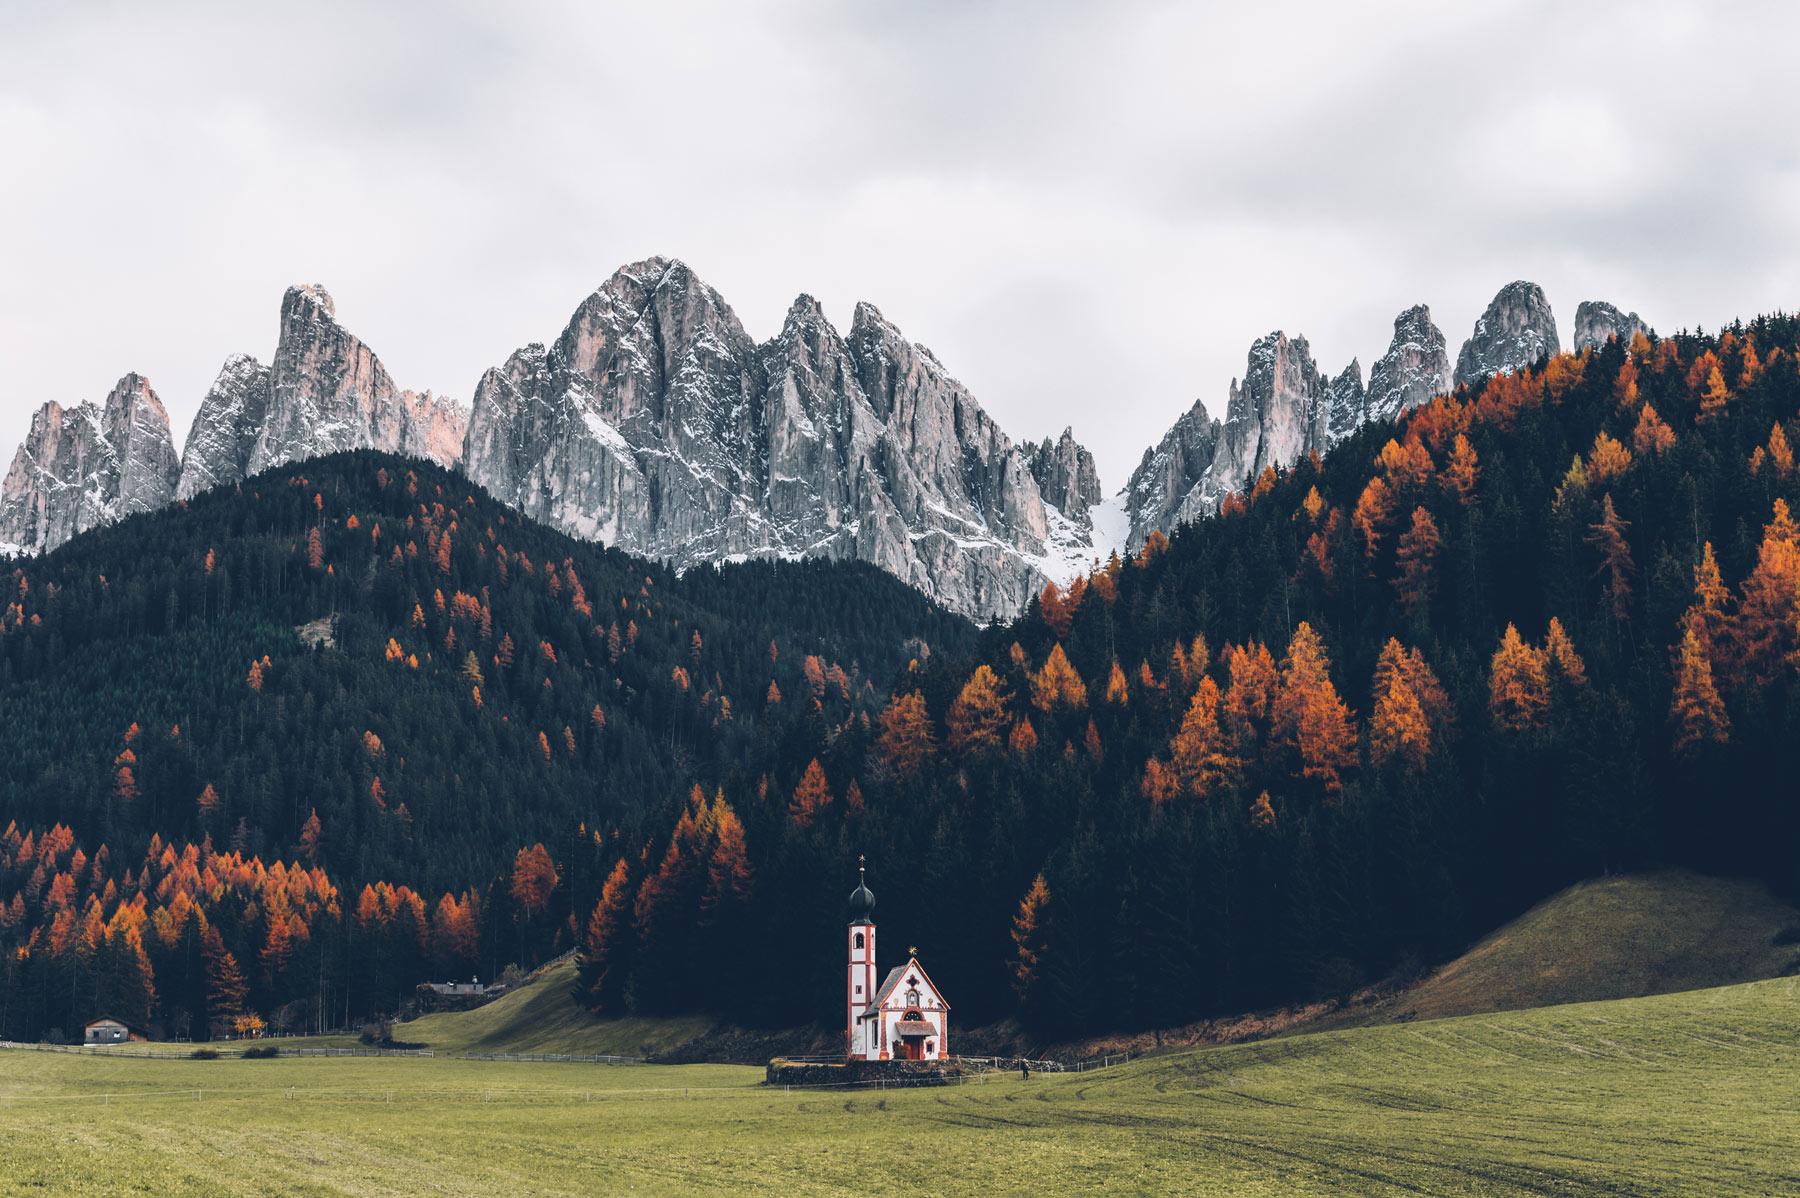 Eglise Dolomites, San Giovanni